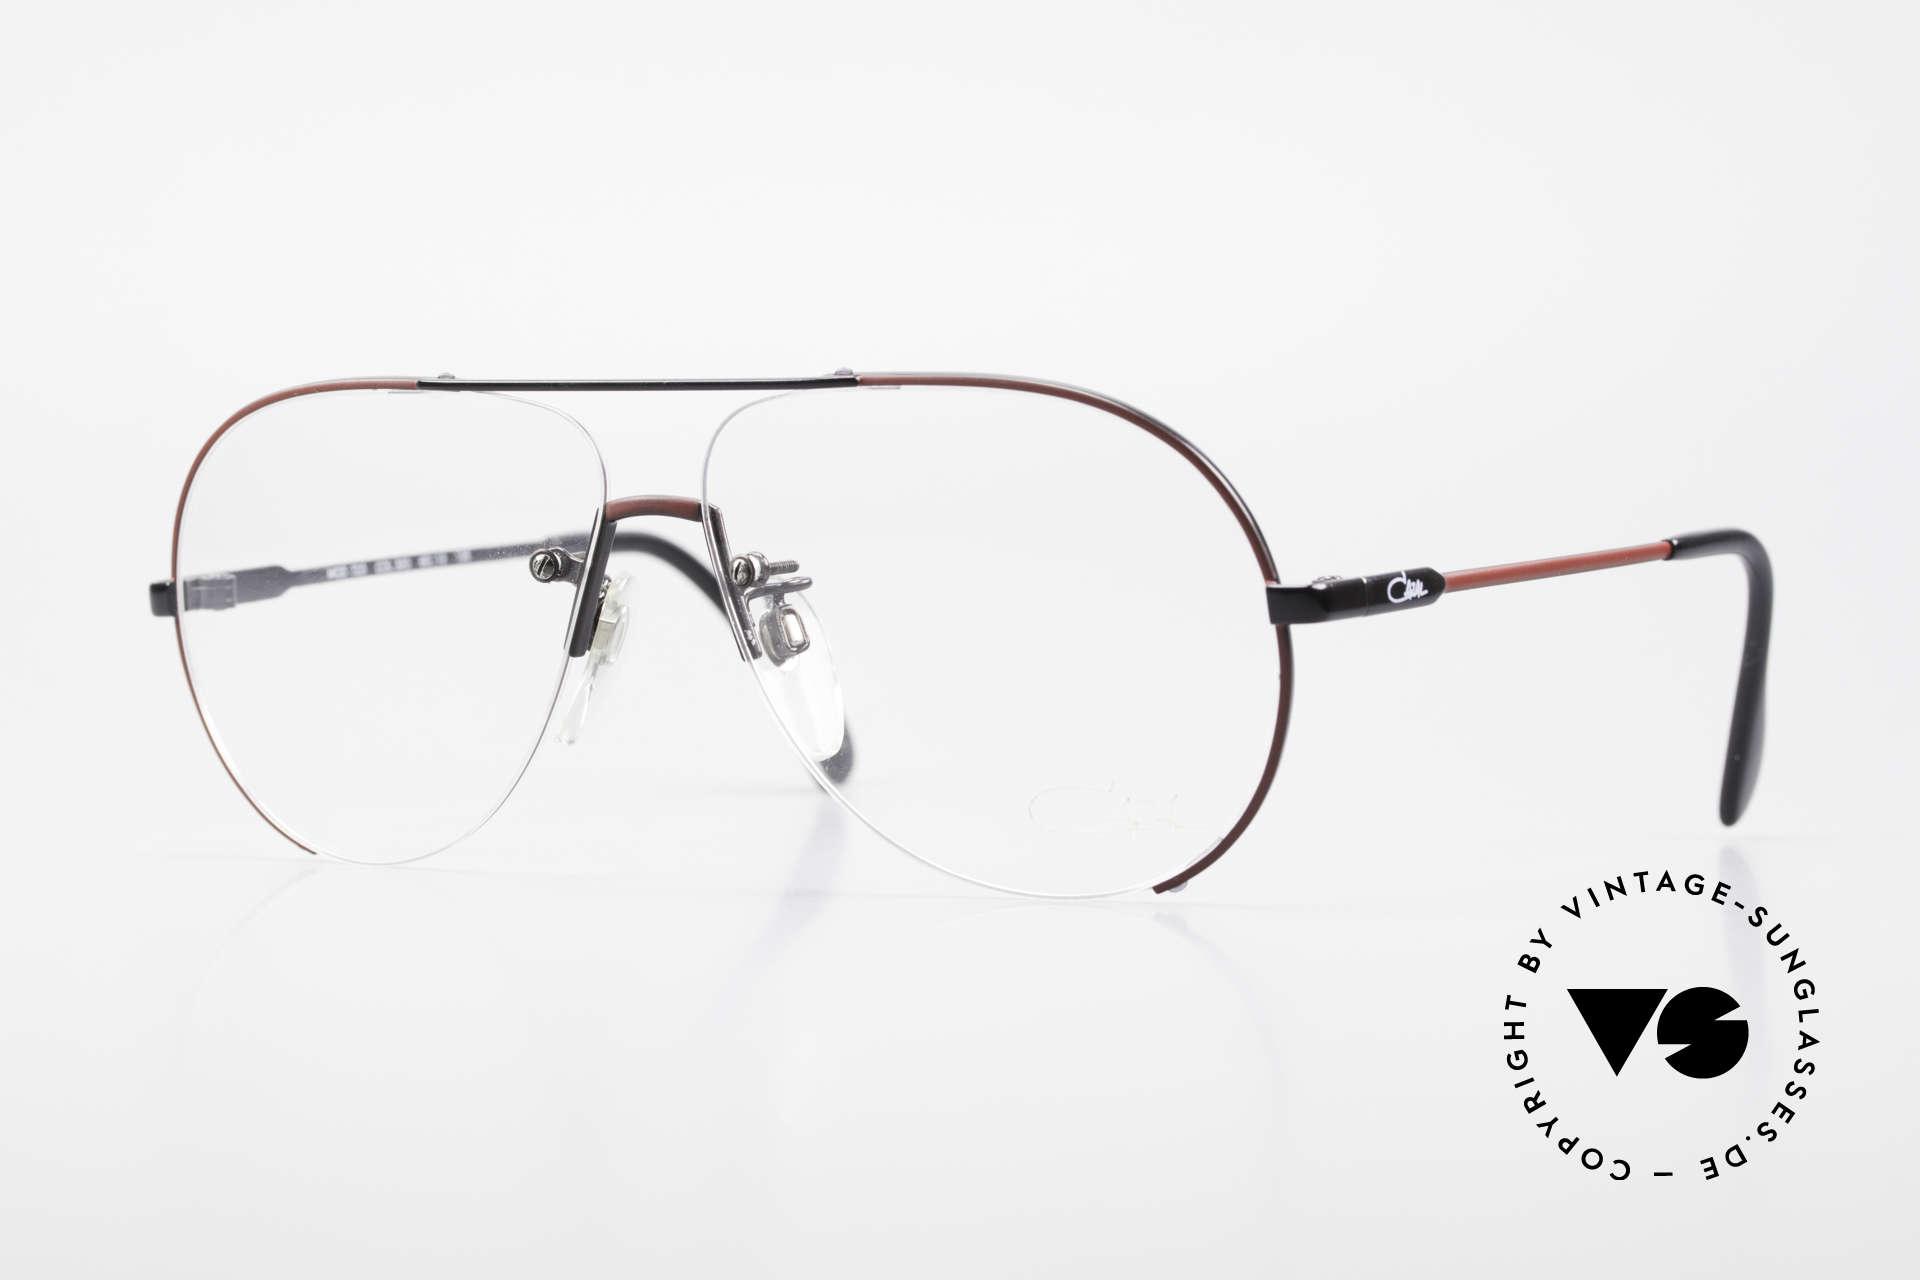 Cazal 723 Randlose 80er Pilotenbrille, seltene vintage Cazal Herrenfassung von ca. 1986, Passend für Herren